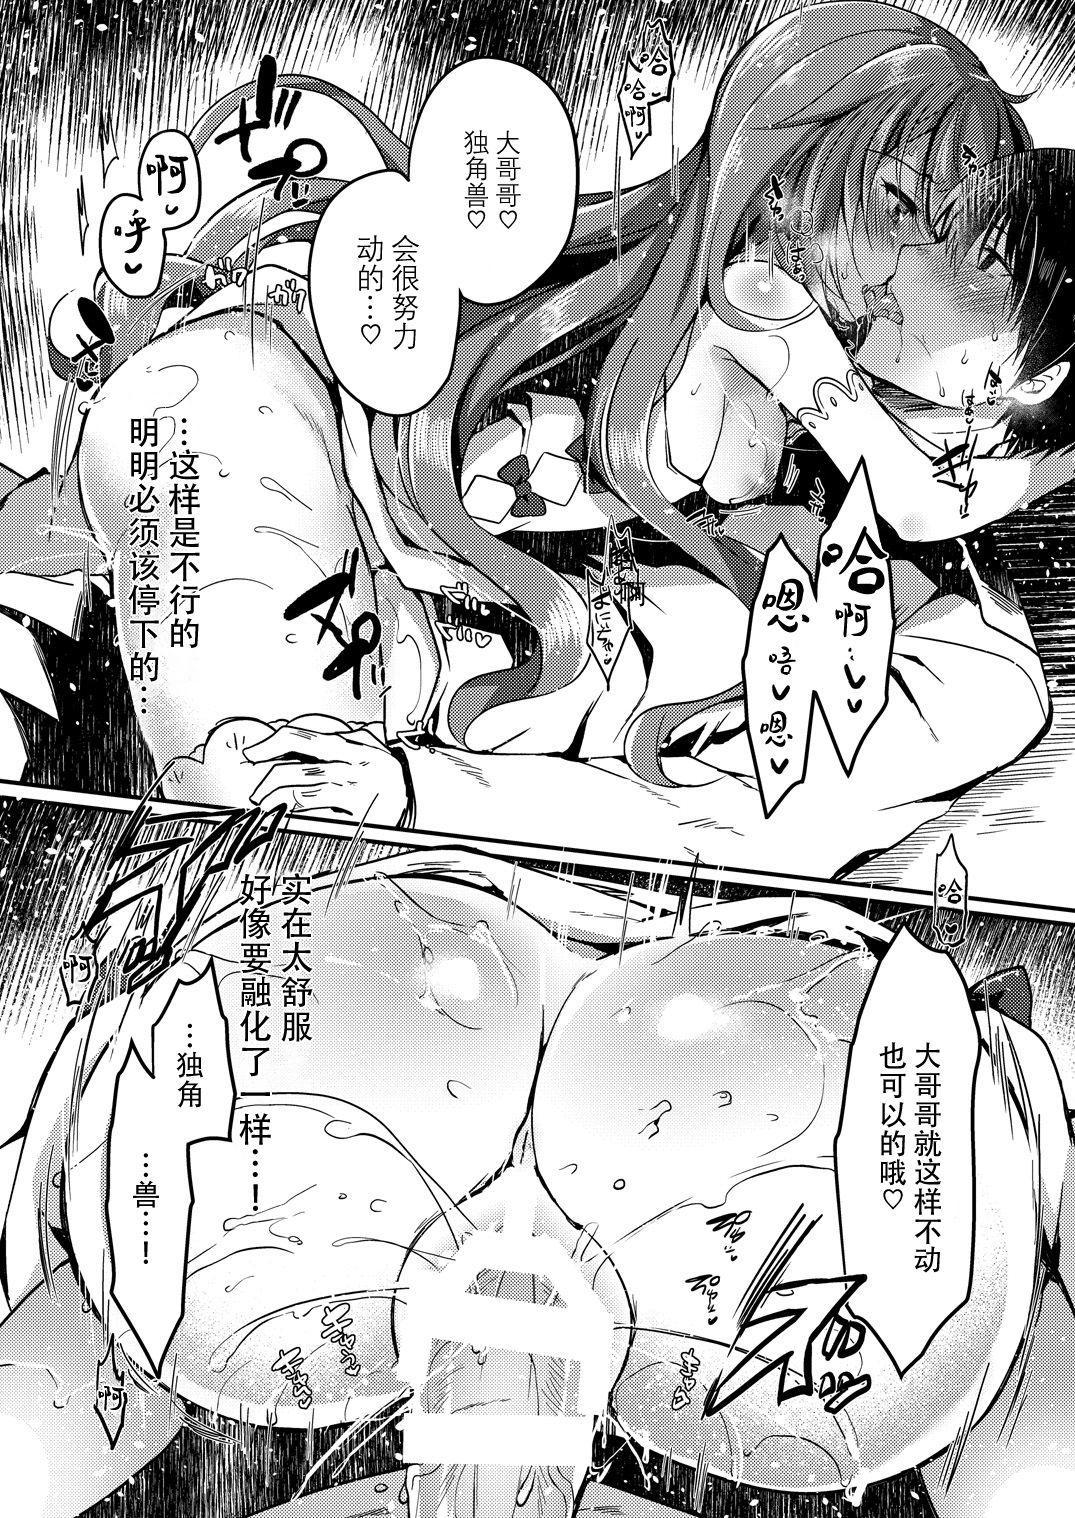 Yumemiru Kouma wa Nani o Miru? 20